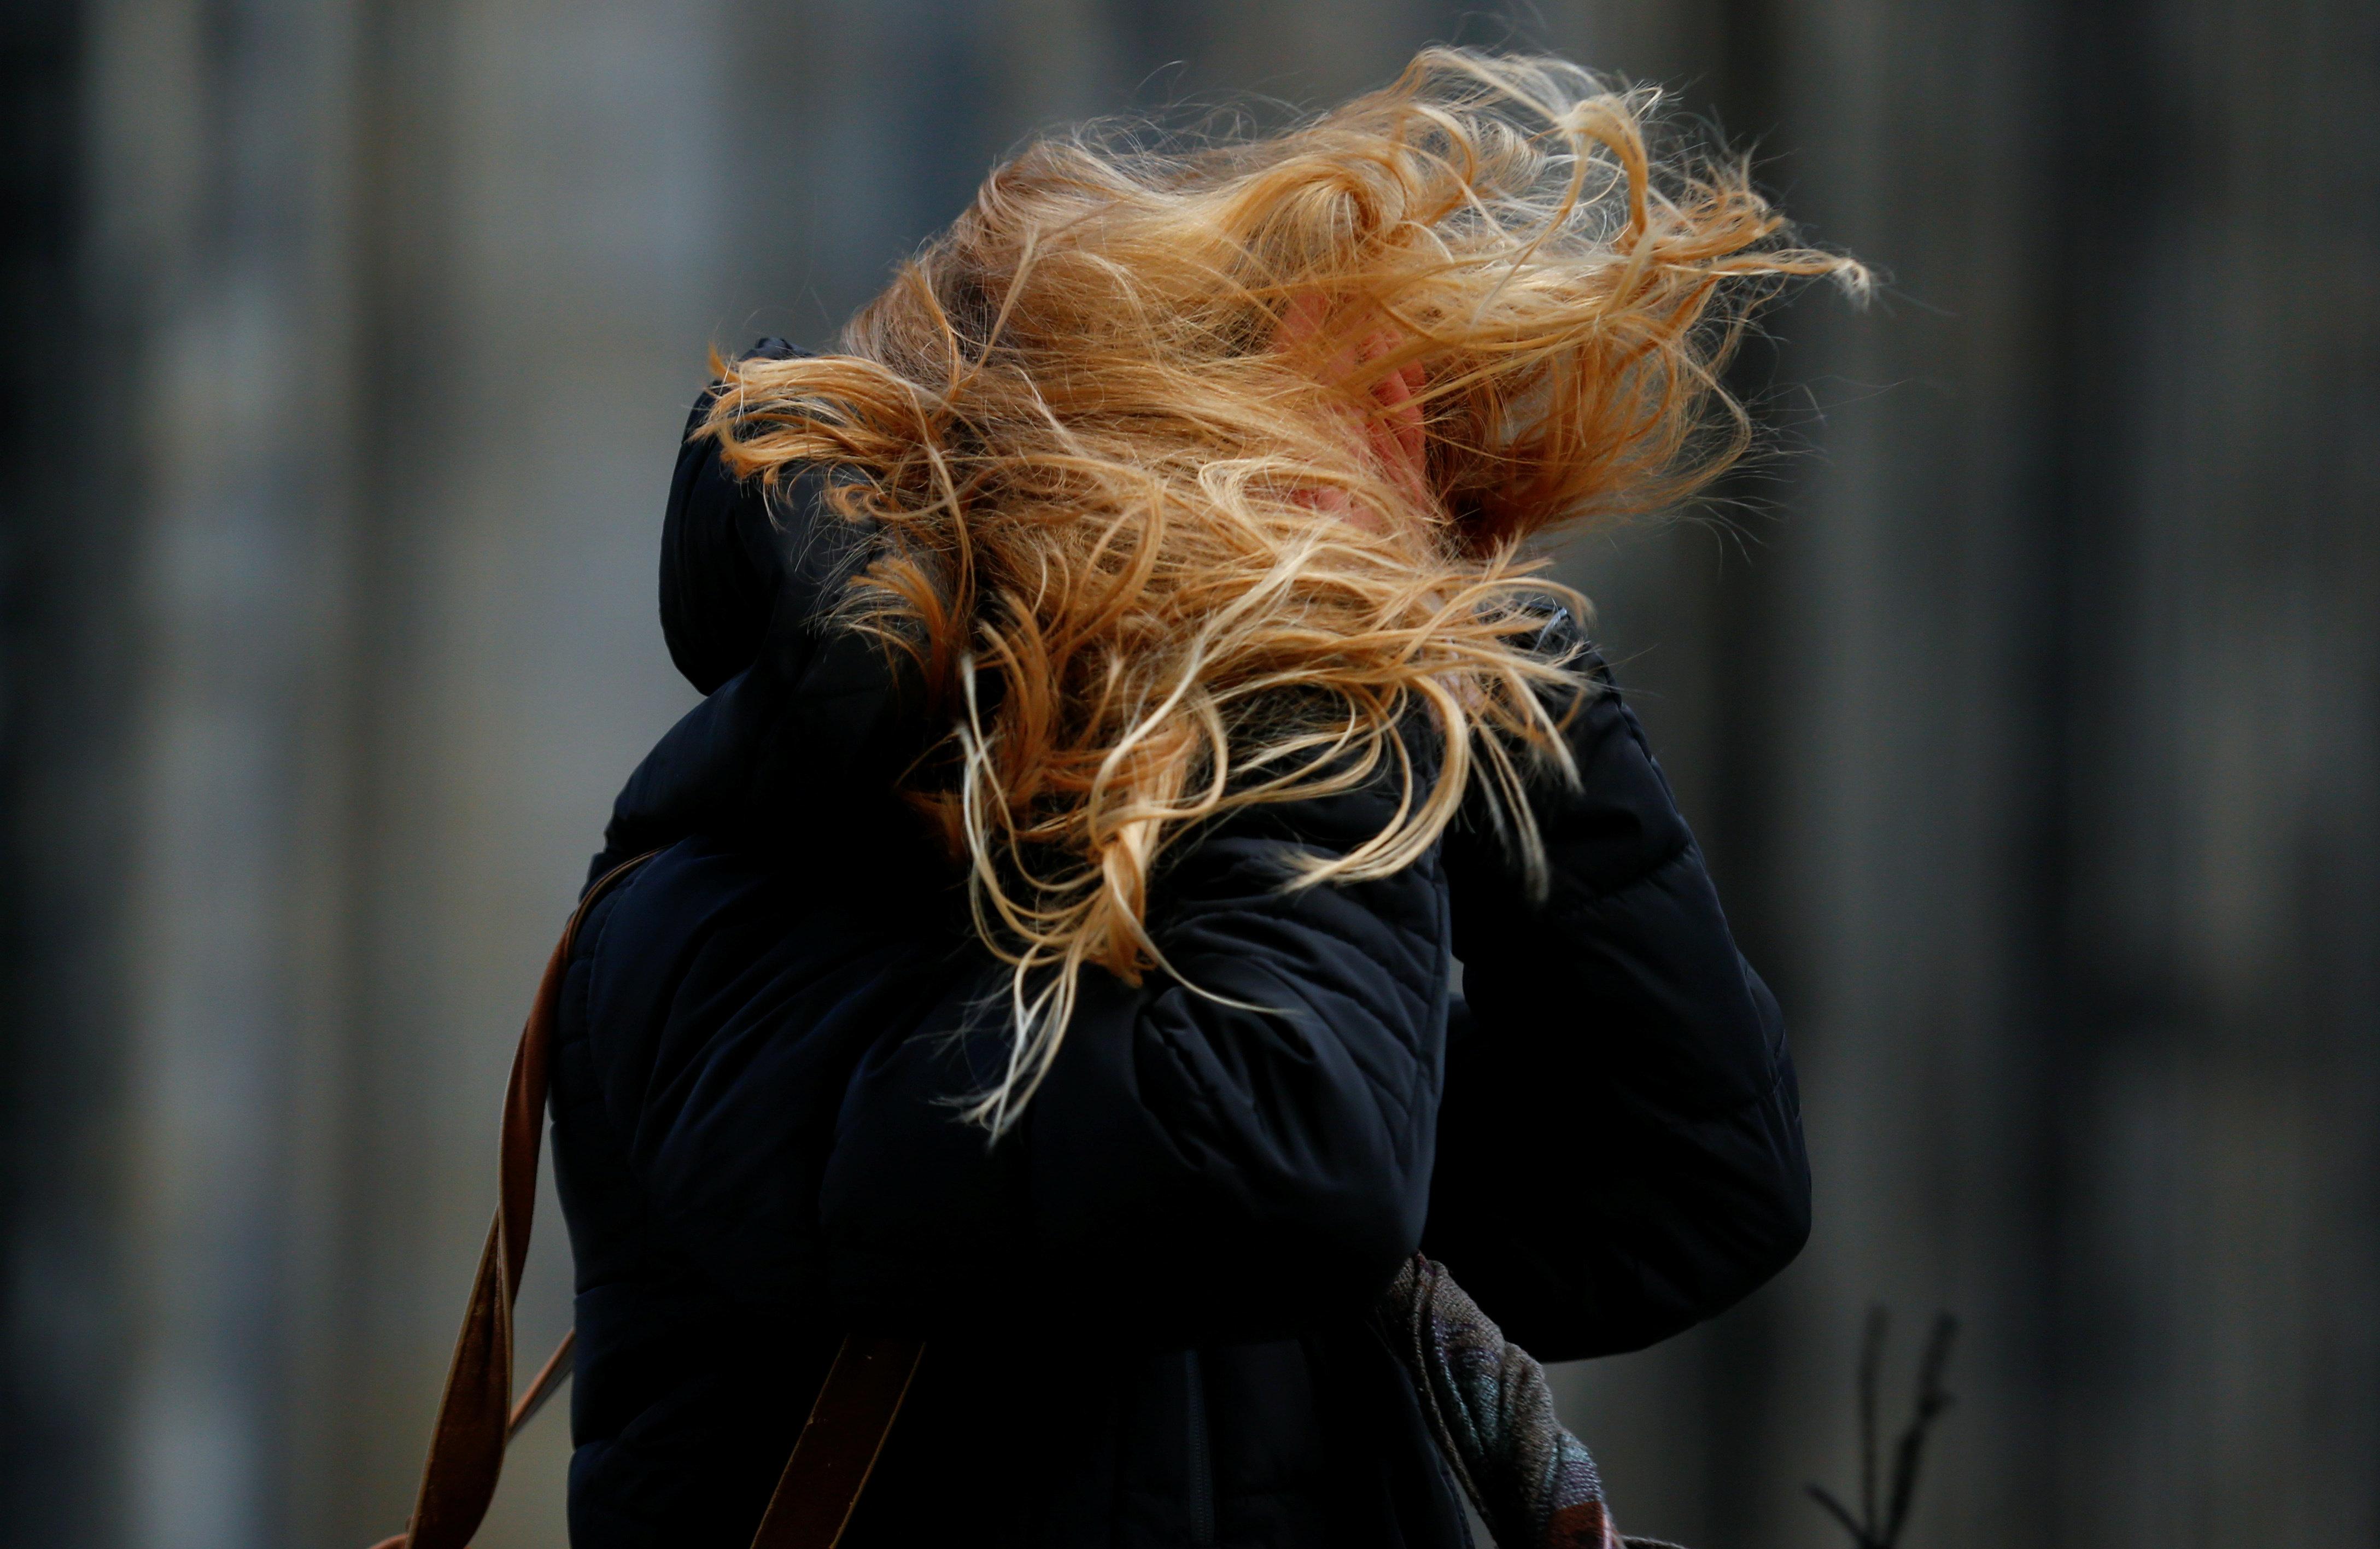 Τουλάχιστον εννέα νεκροί από την καταιγίδα «Φρειδερίκη» που πλήττει τη βόρεια Ευρώπη